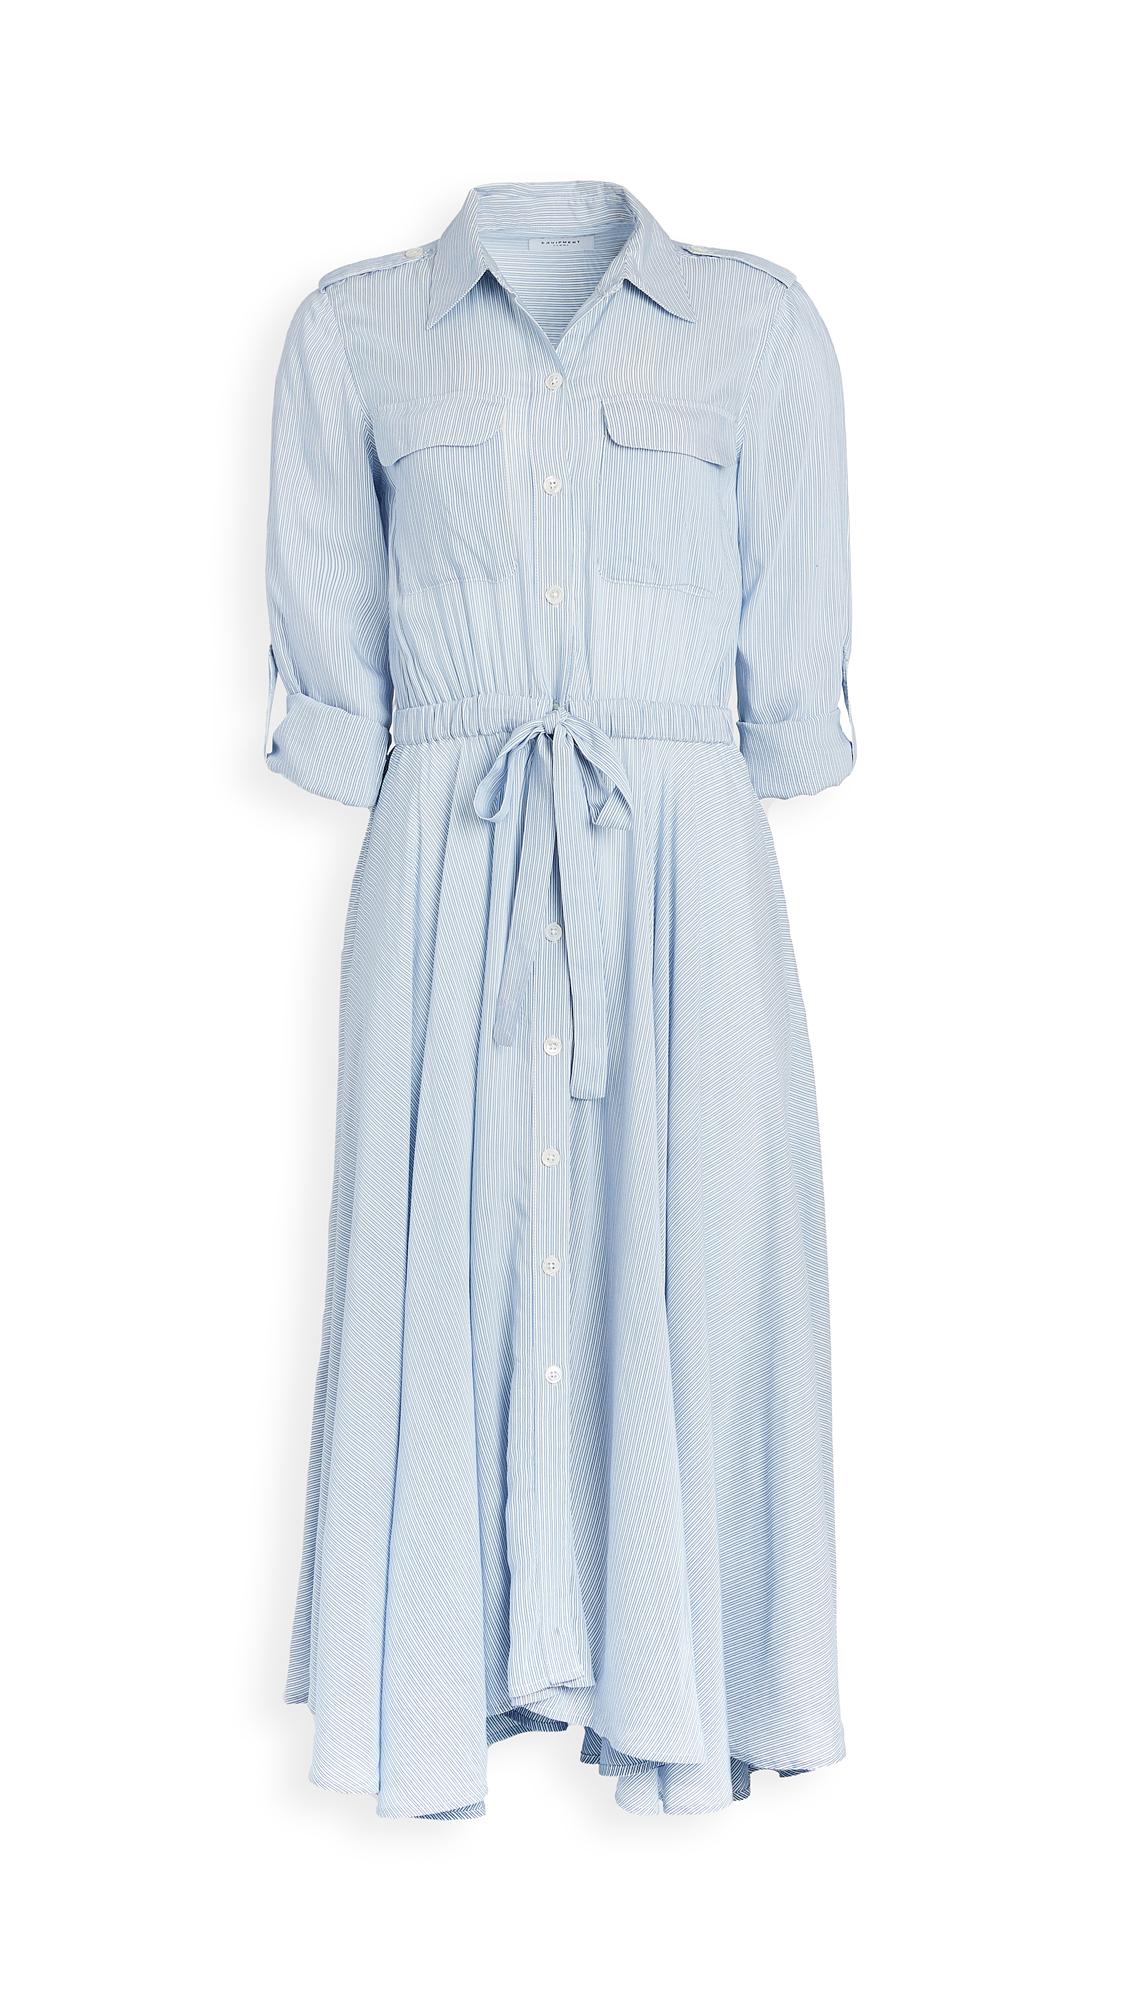 Equipment Jacquot Dress - 30% Off Sale